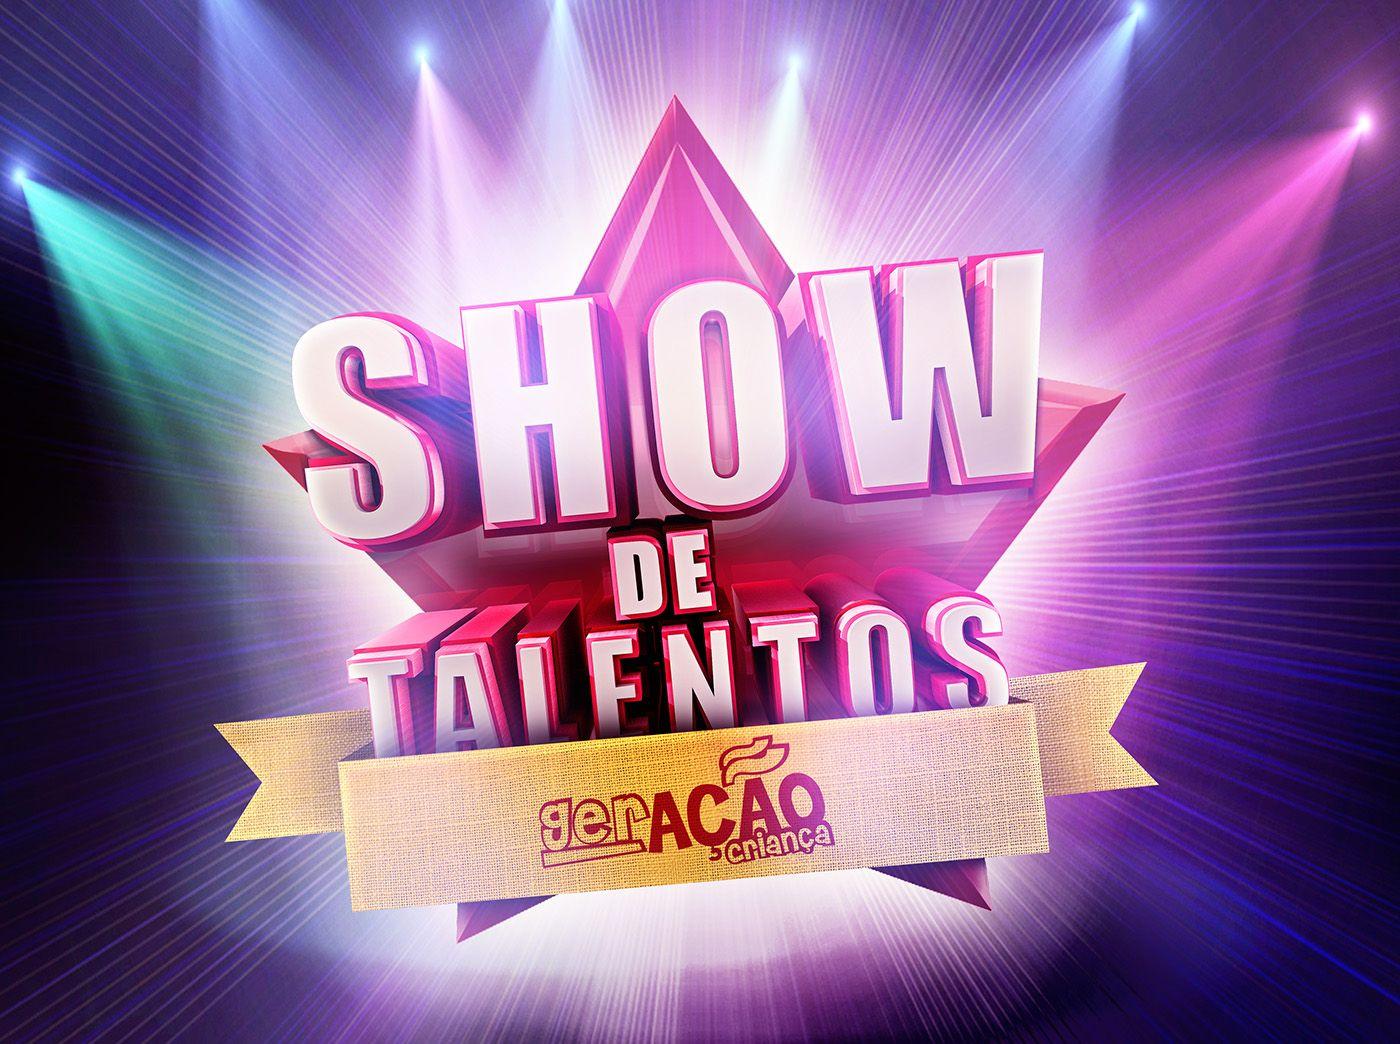 SHOW DE TALENTOS on Behance Game logo, Tv show logos